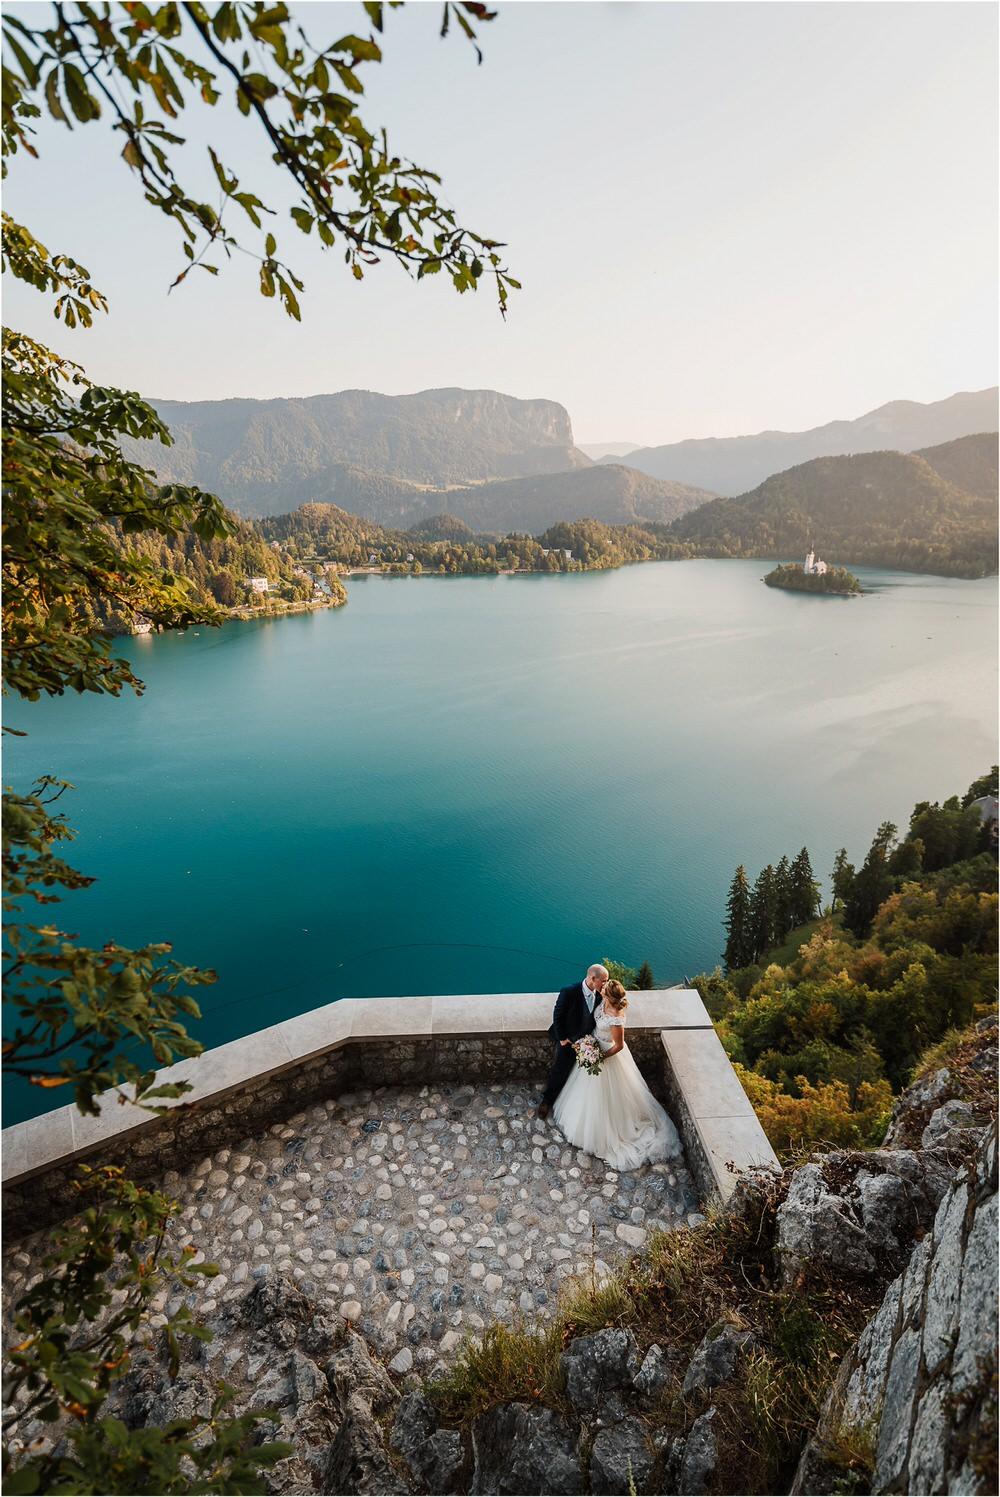 bled castle wedding poroka blejsko jezero jezersek adventure themed destination wedding photographer lake bled 0087.jpg